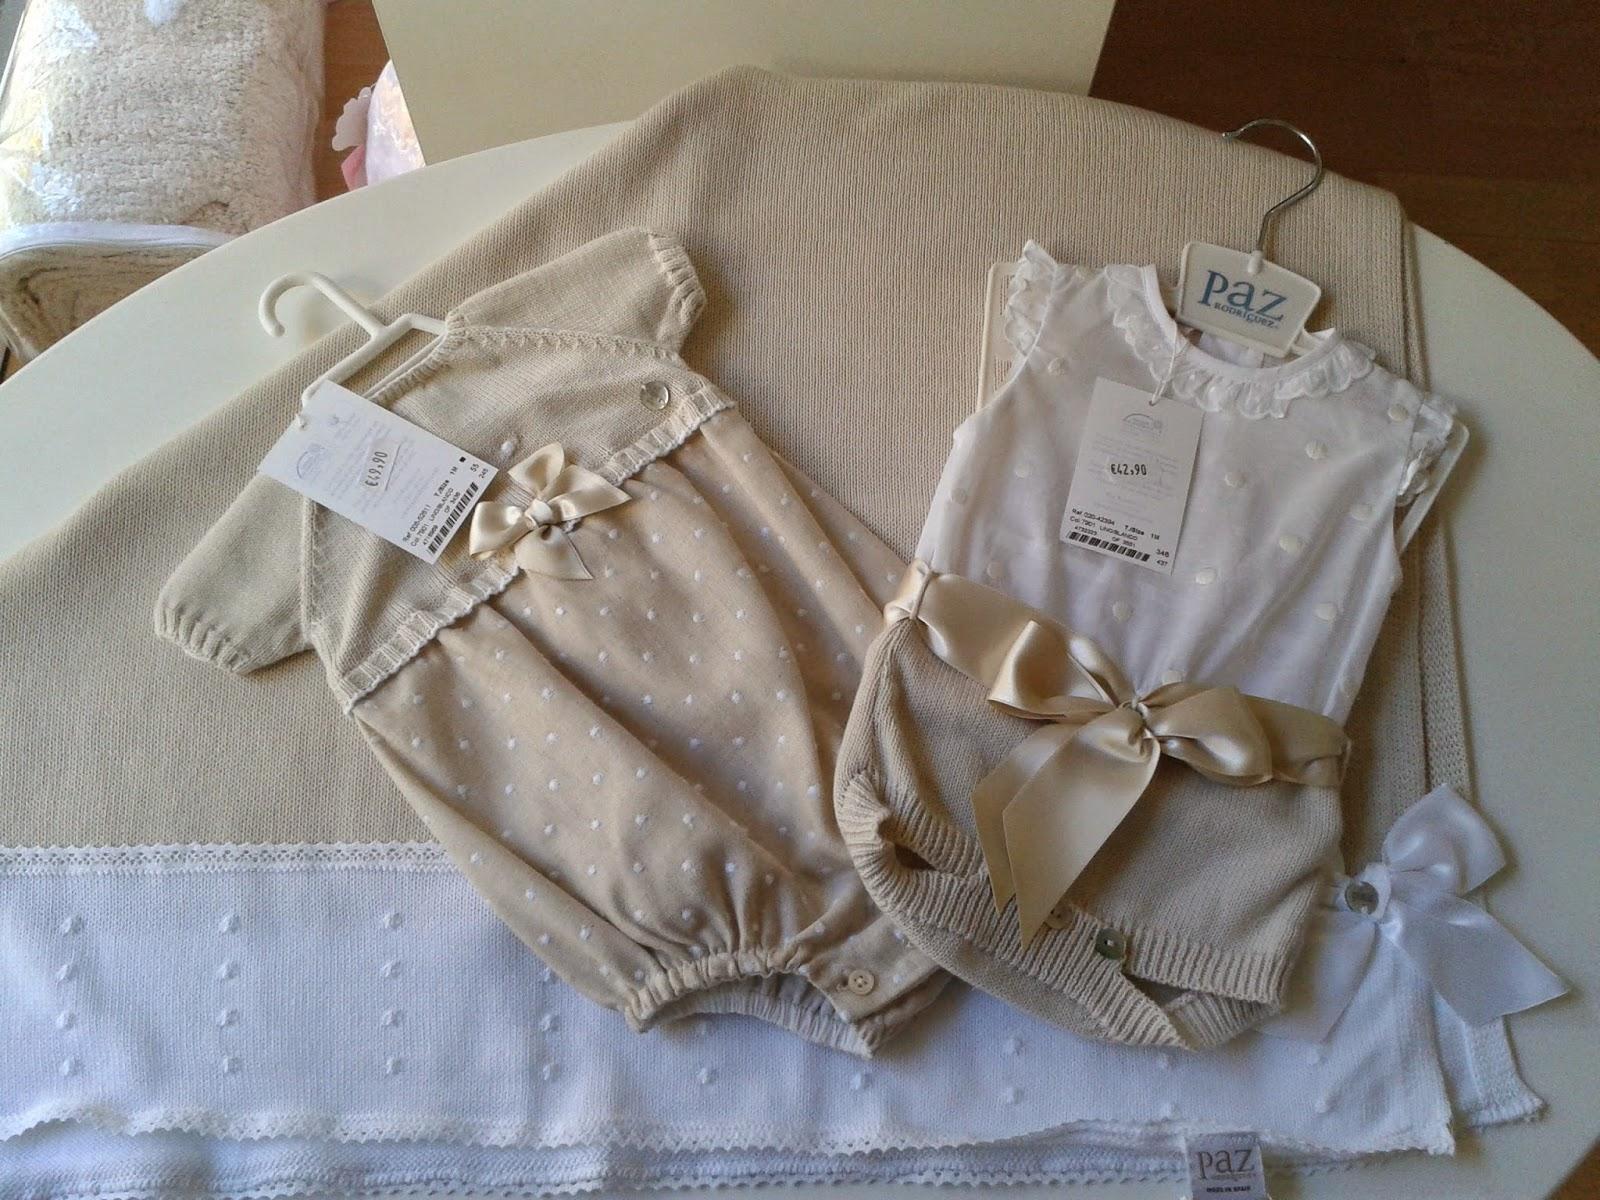 Lazos beb s canastilla de beb paz rodr guez primavera verano ropa 0 meses prepara la - Ropa bebe 0 meses ...